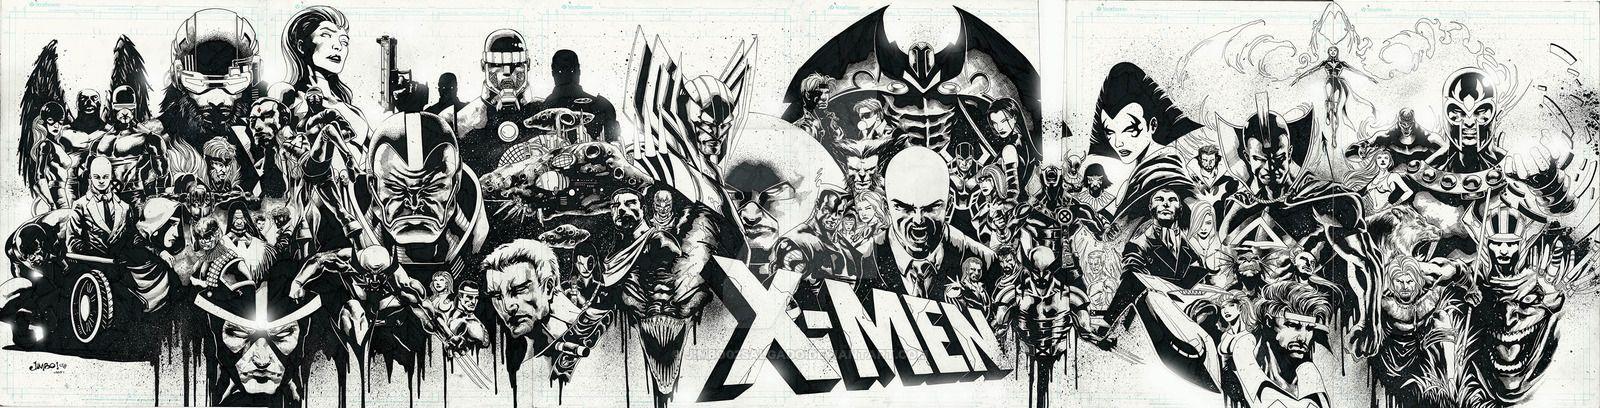 The X-Men Legacy by Jimbo02Salgado